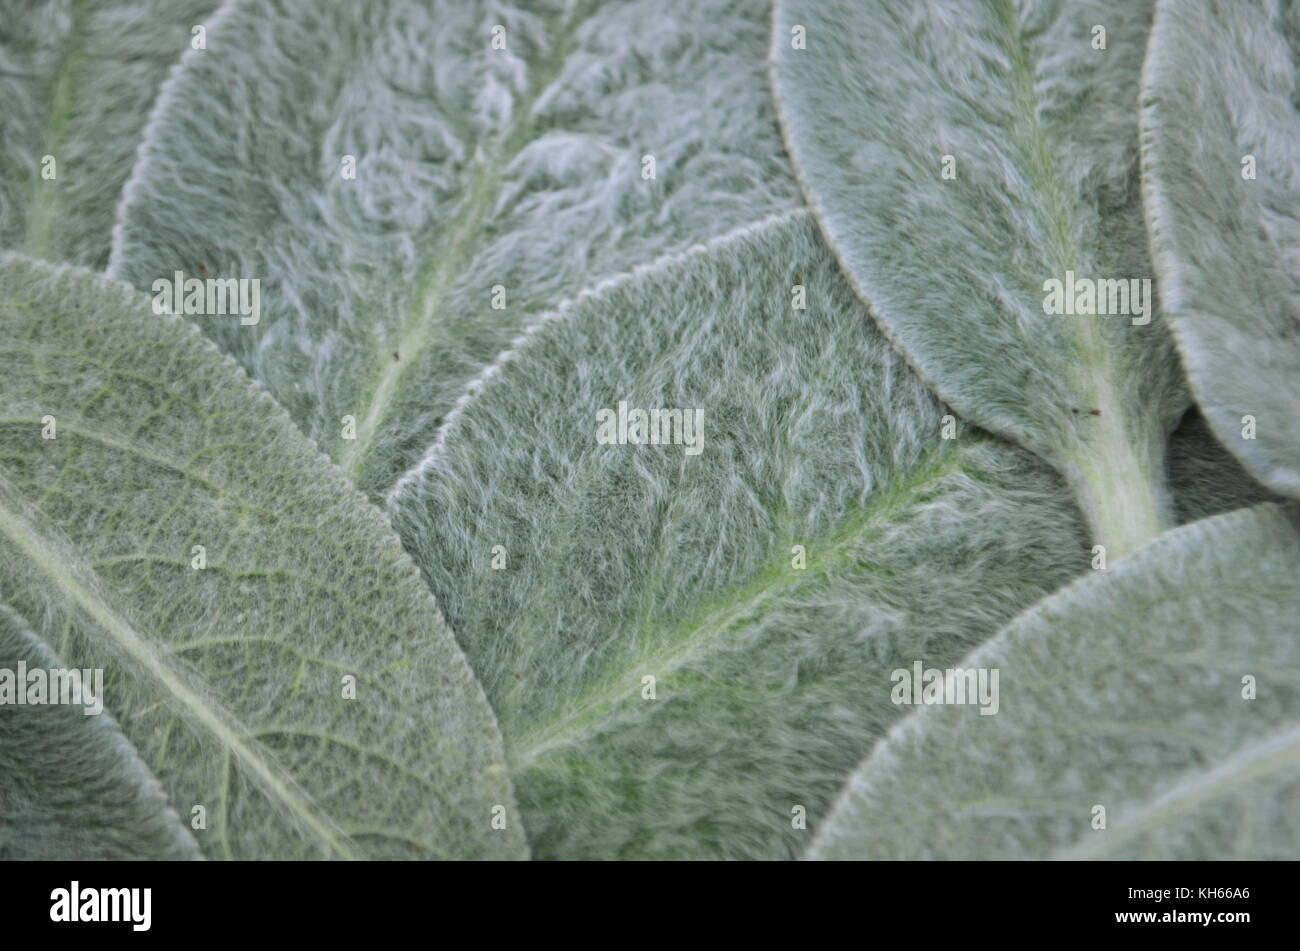 Pianta Orecchie Di Agnello agnello le orecchie perenne pianta di giardino (stachys